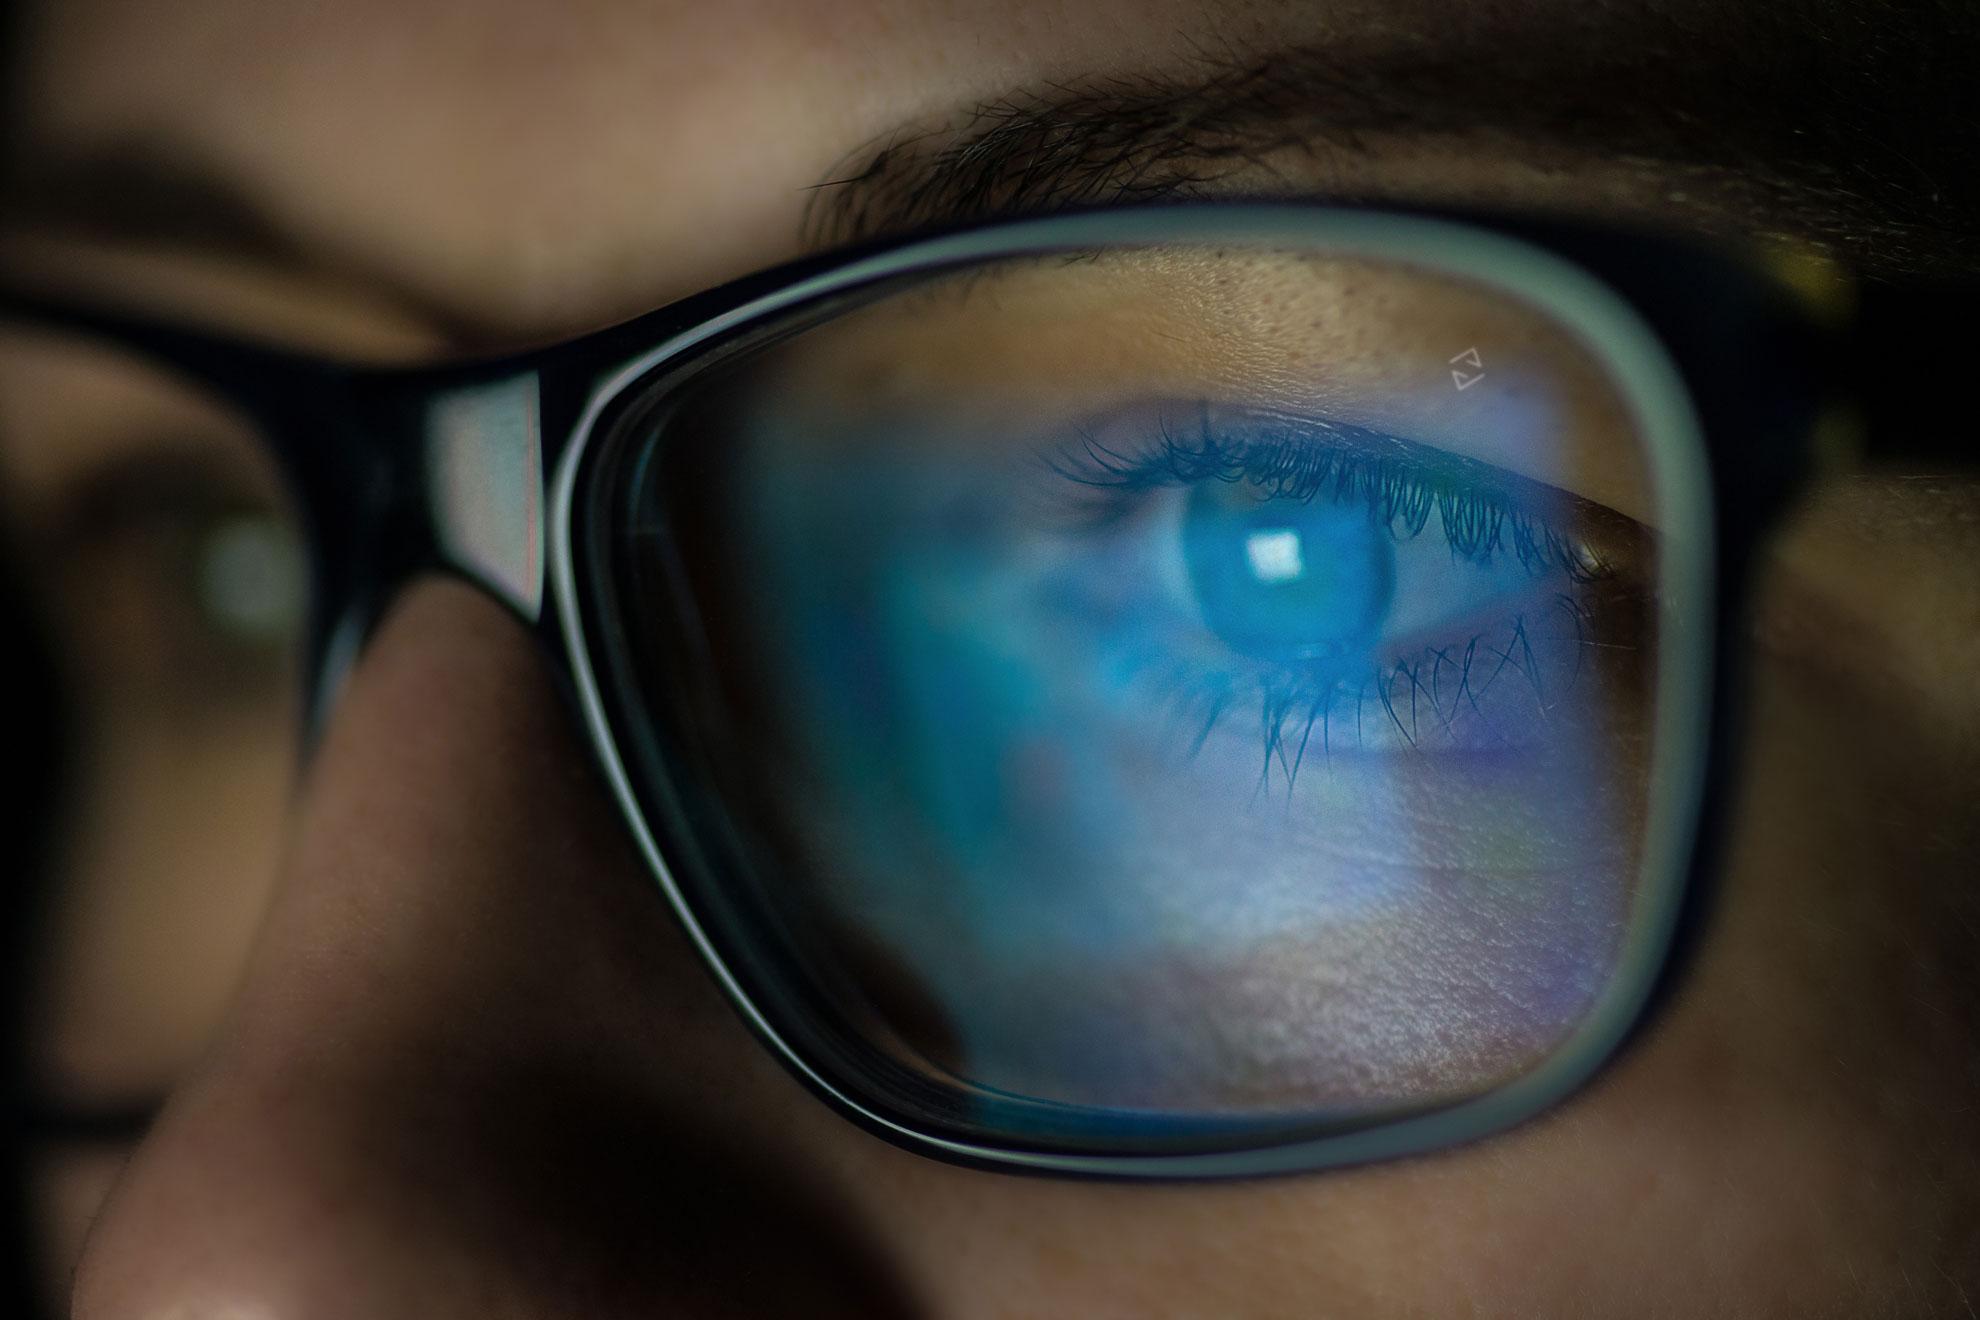 Calazionul afectează vederea)